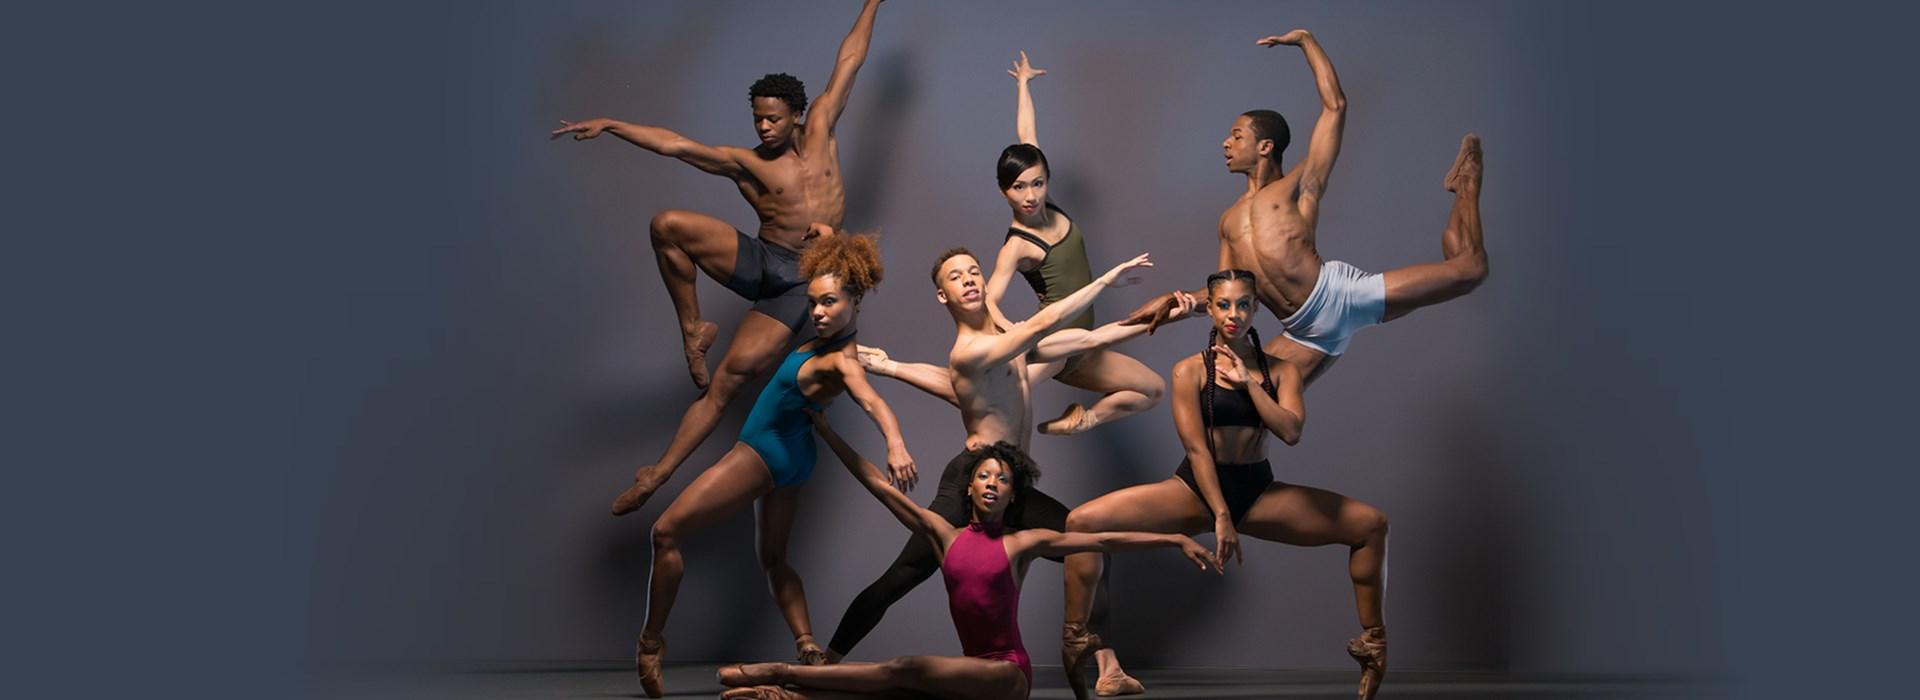 balletblack_1920x700.jpg